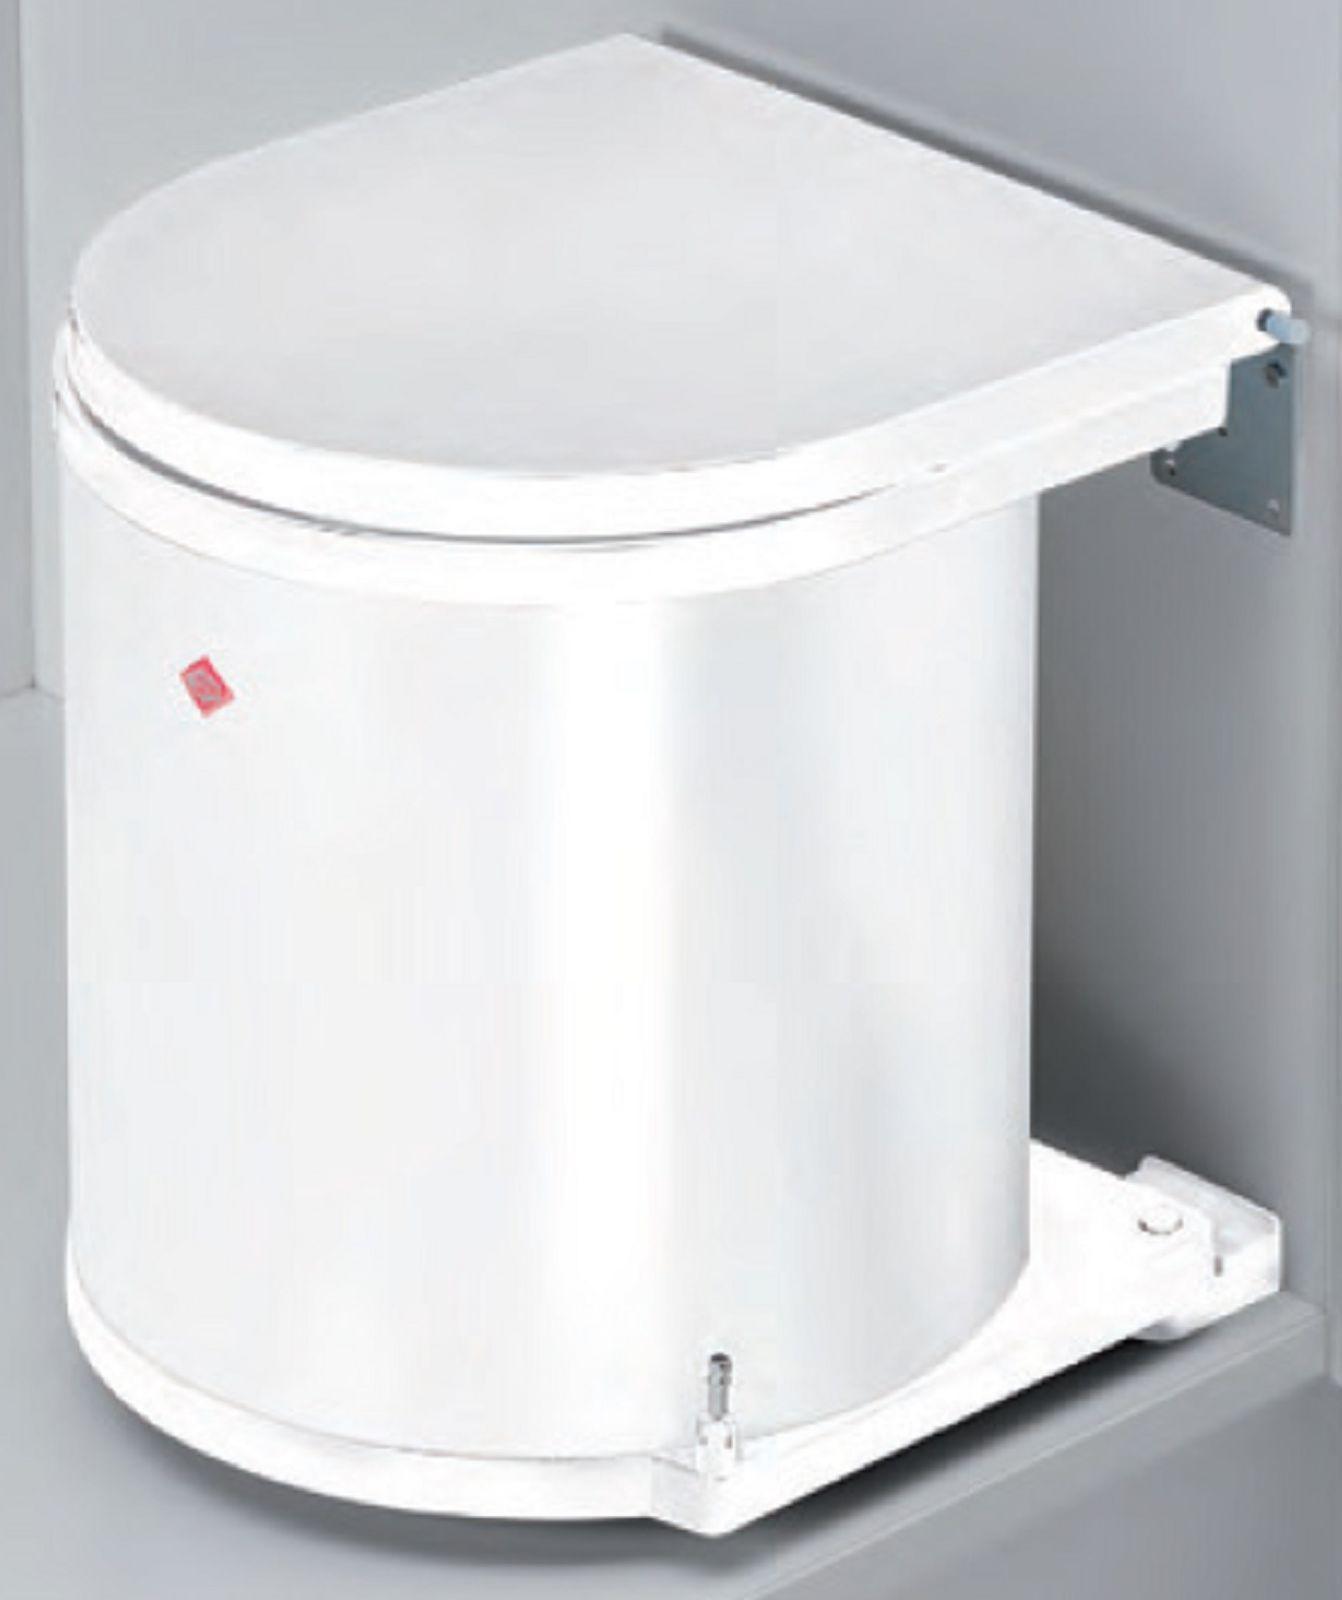 Mülleimer Küche Einbau | Wesco Abfall Mulleimer Bad Wc 15 Liter Kuche Einbau Kosmetikeimer